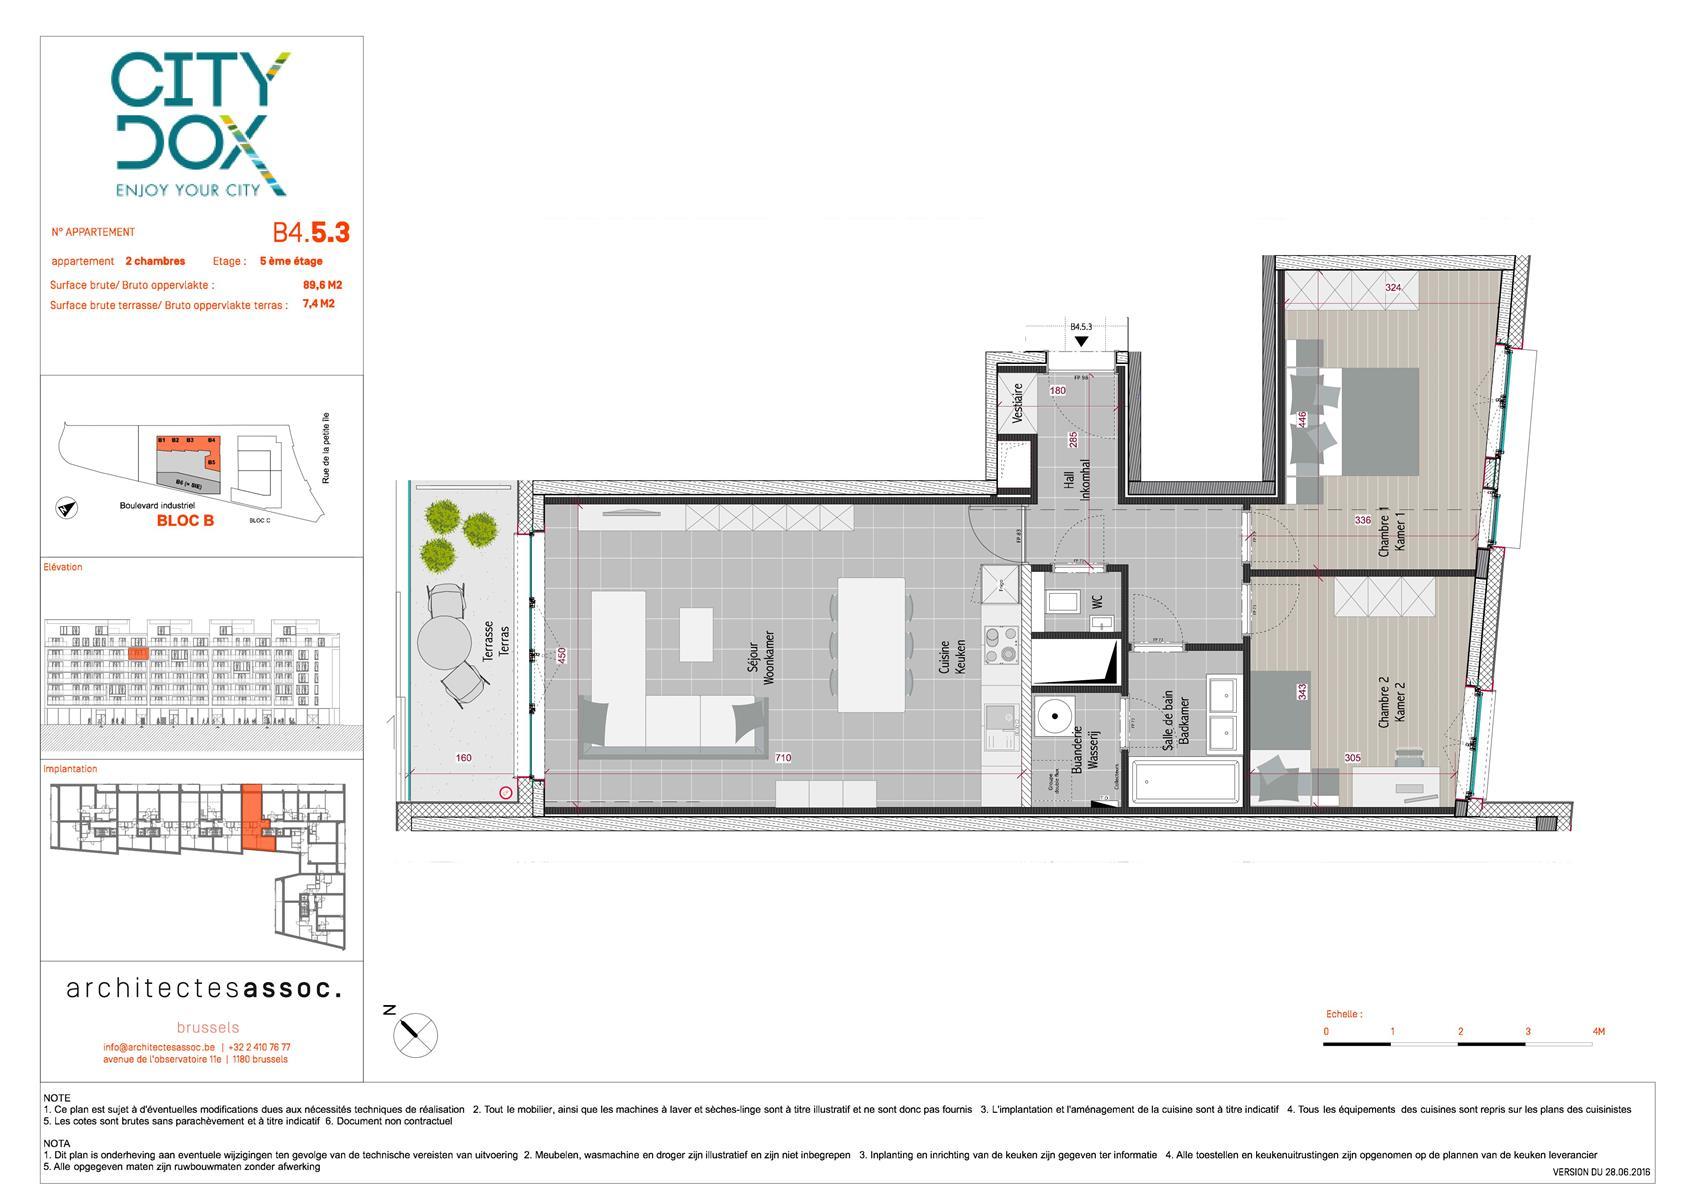 CITY DOX Appartementen Te Koop